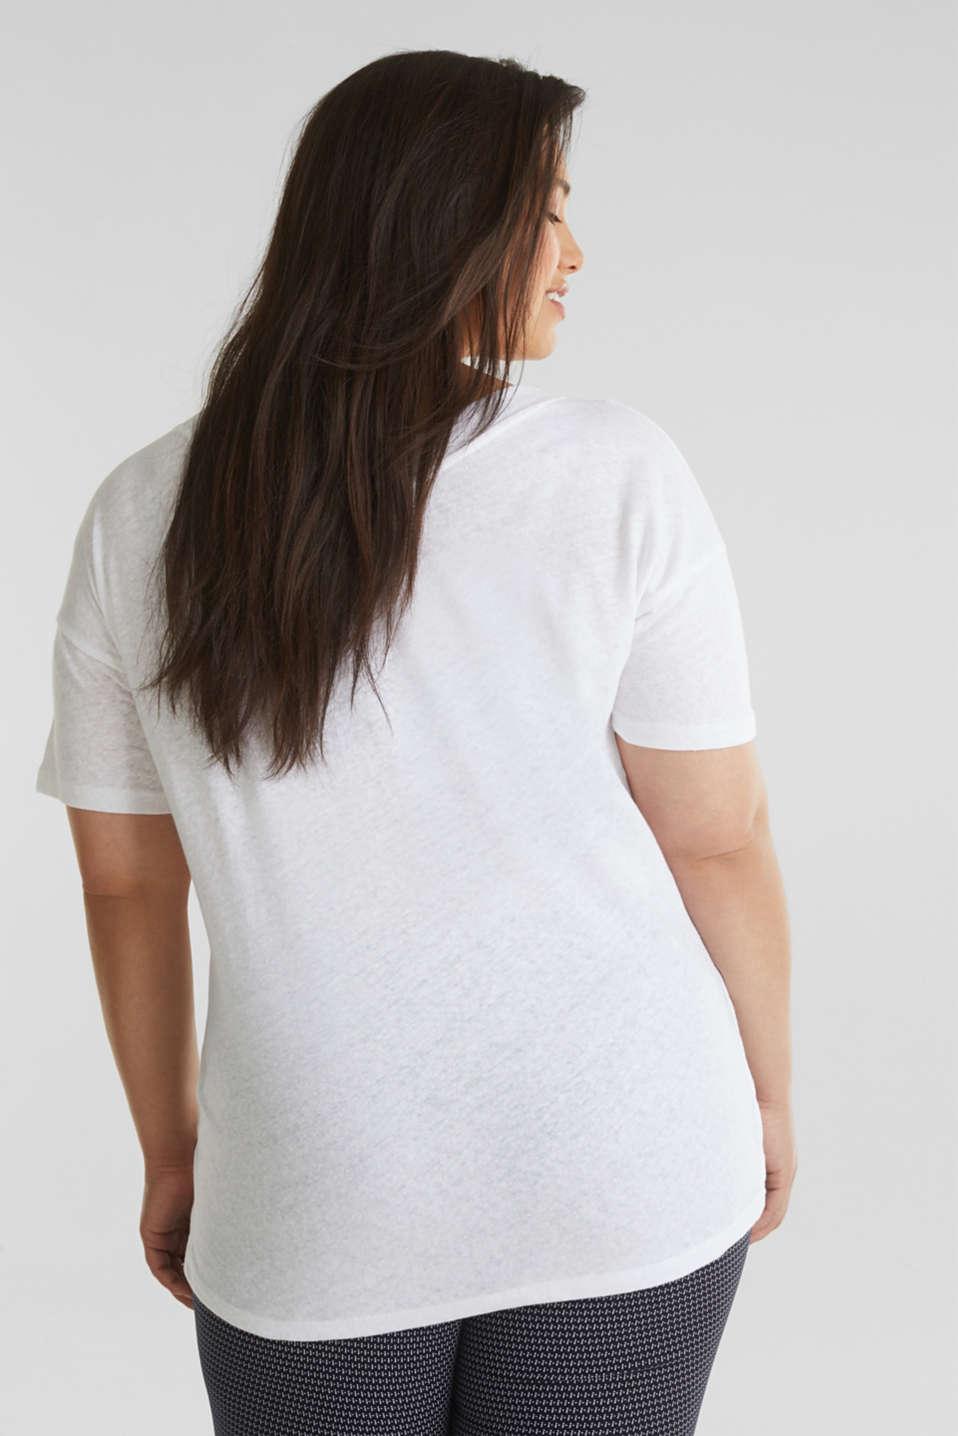 Linen blend CURVY V-neck top, WHITE, detail image number 3